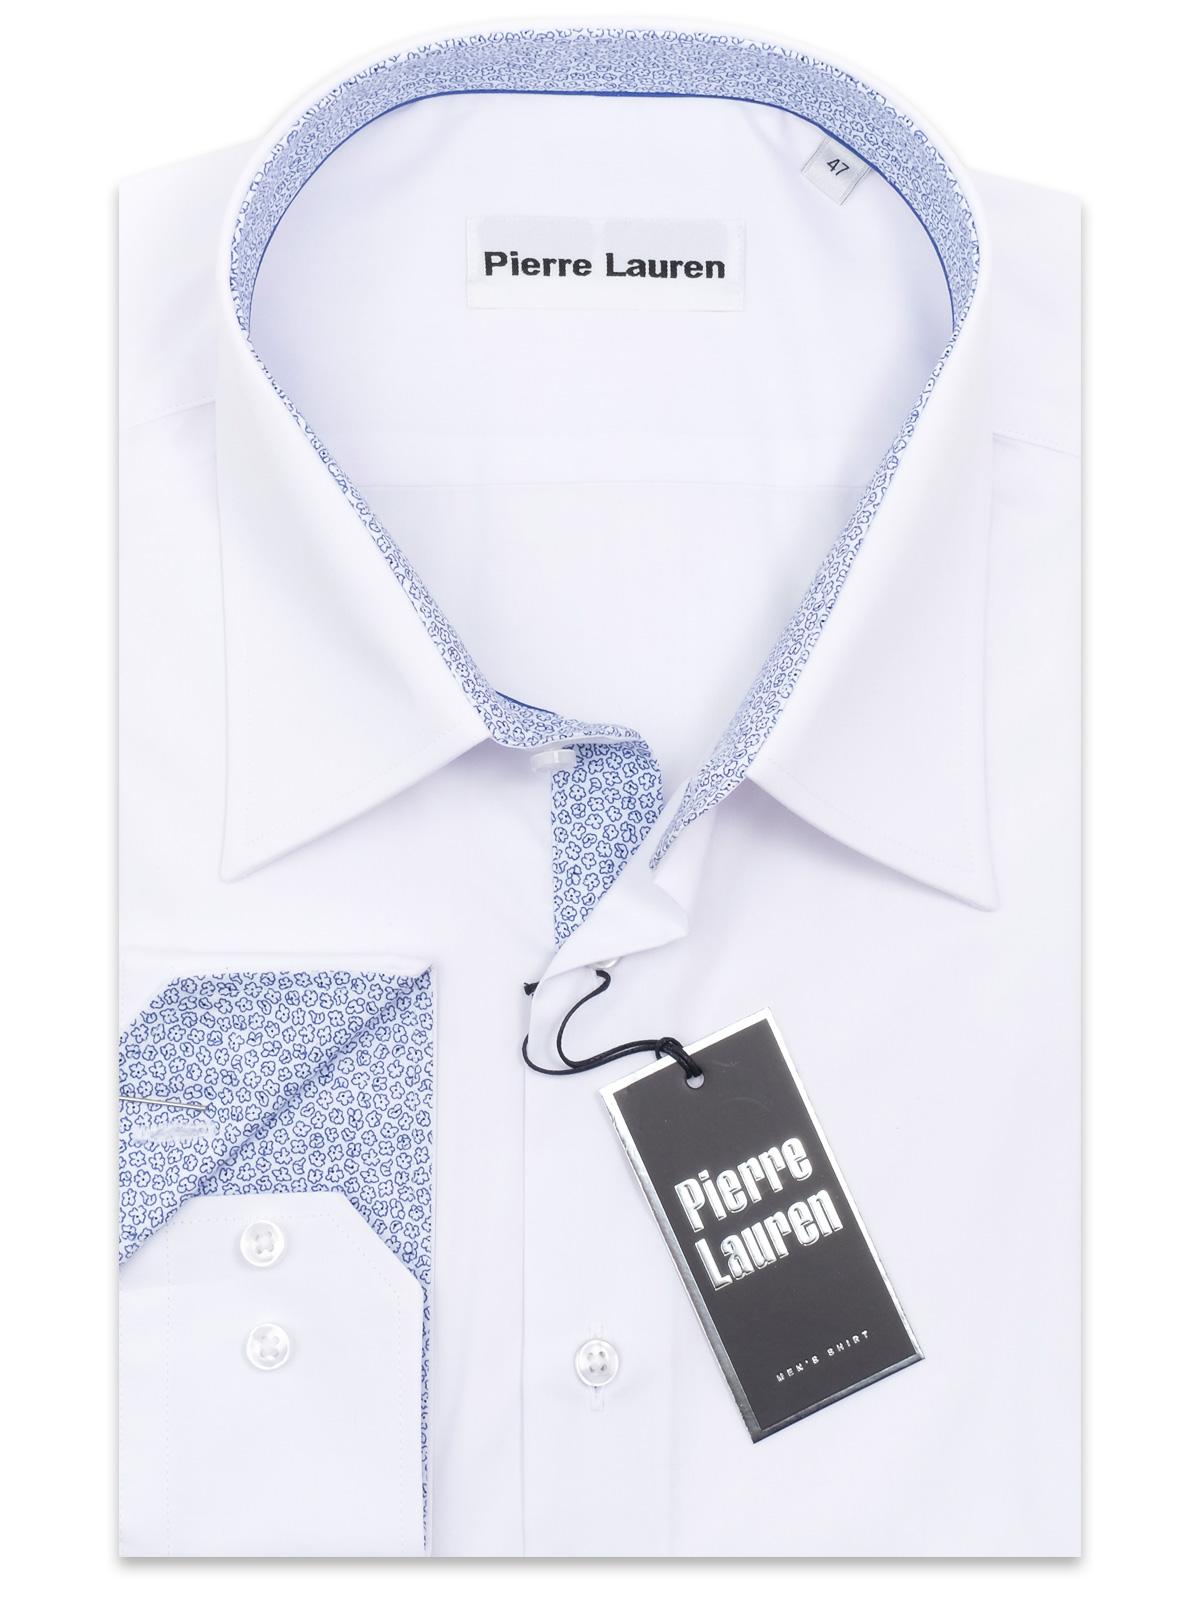 Рубашка PIERRE LAUREN большие размеры арт.- 0213БР